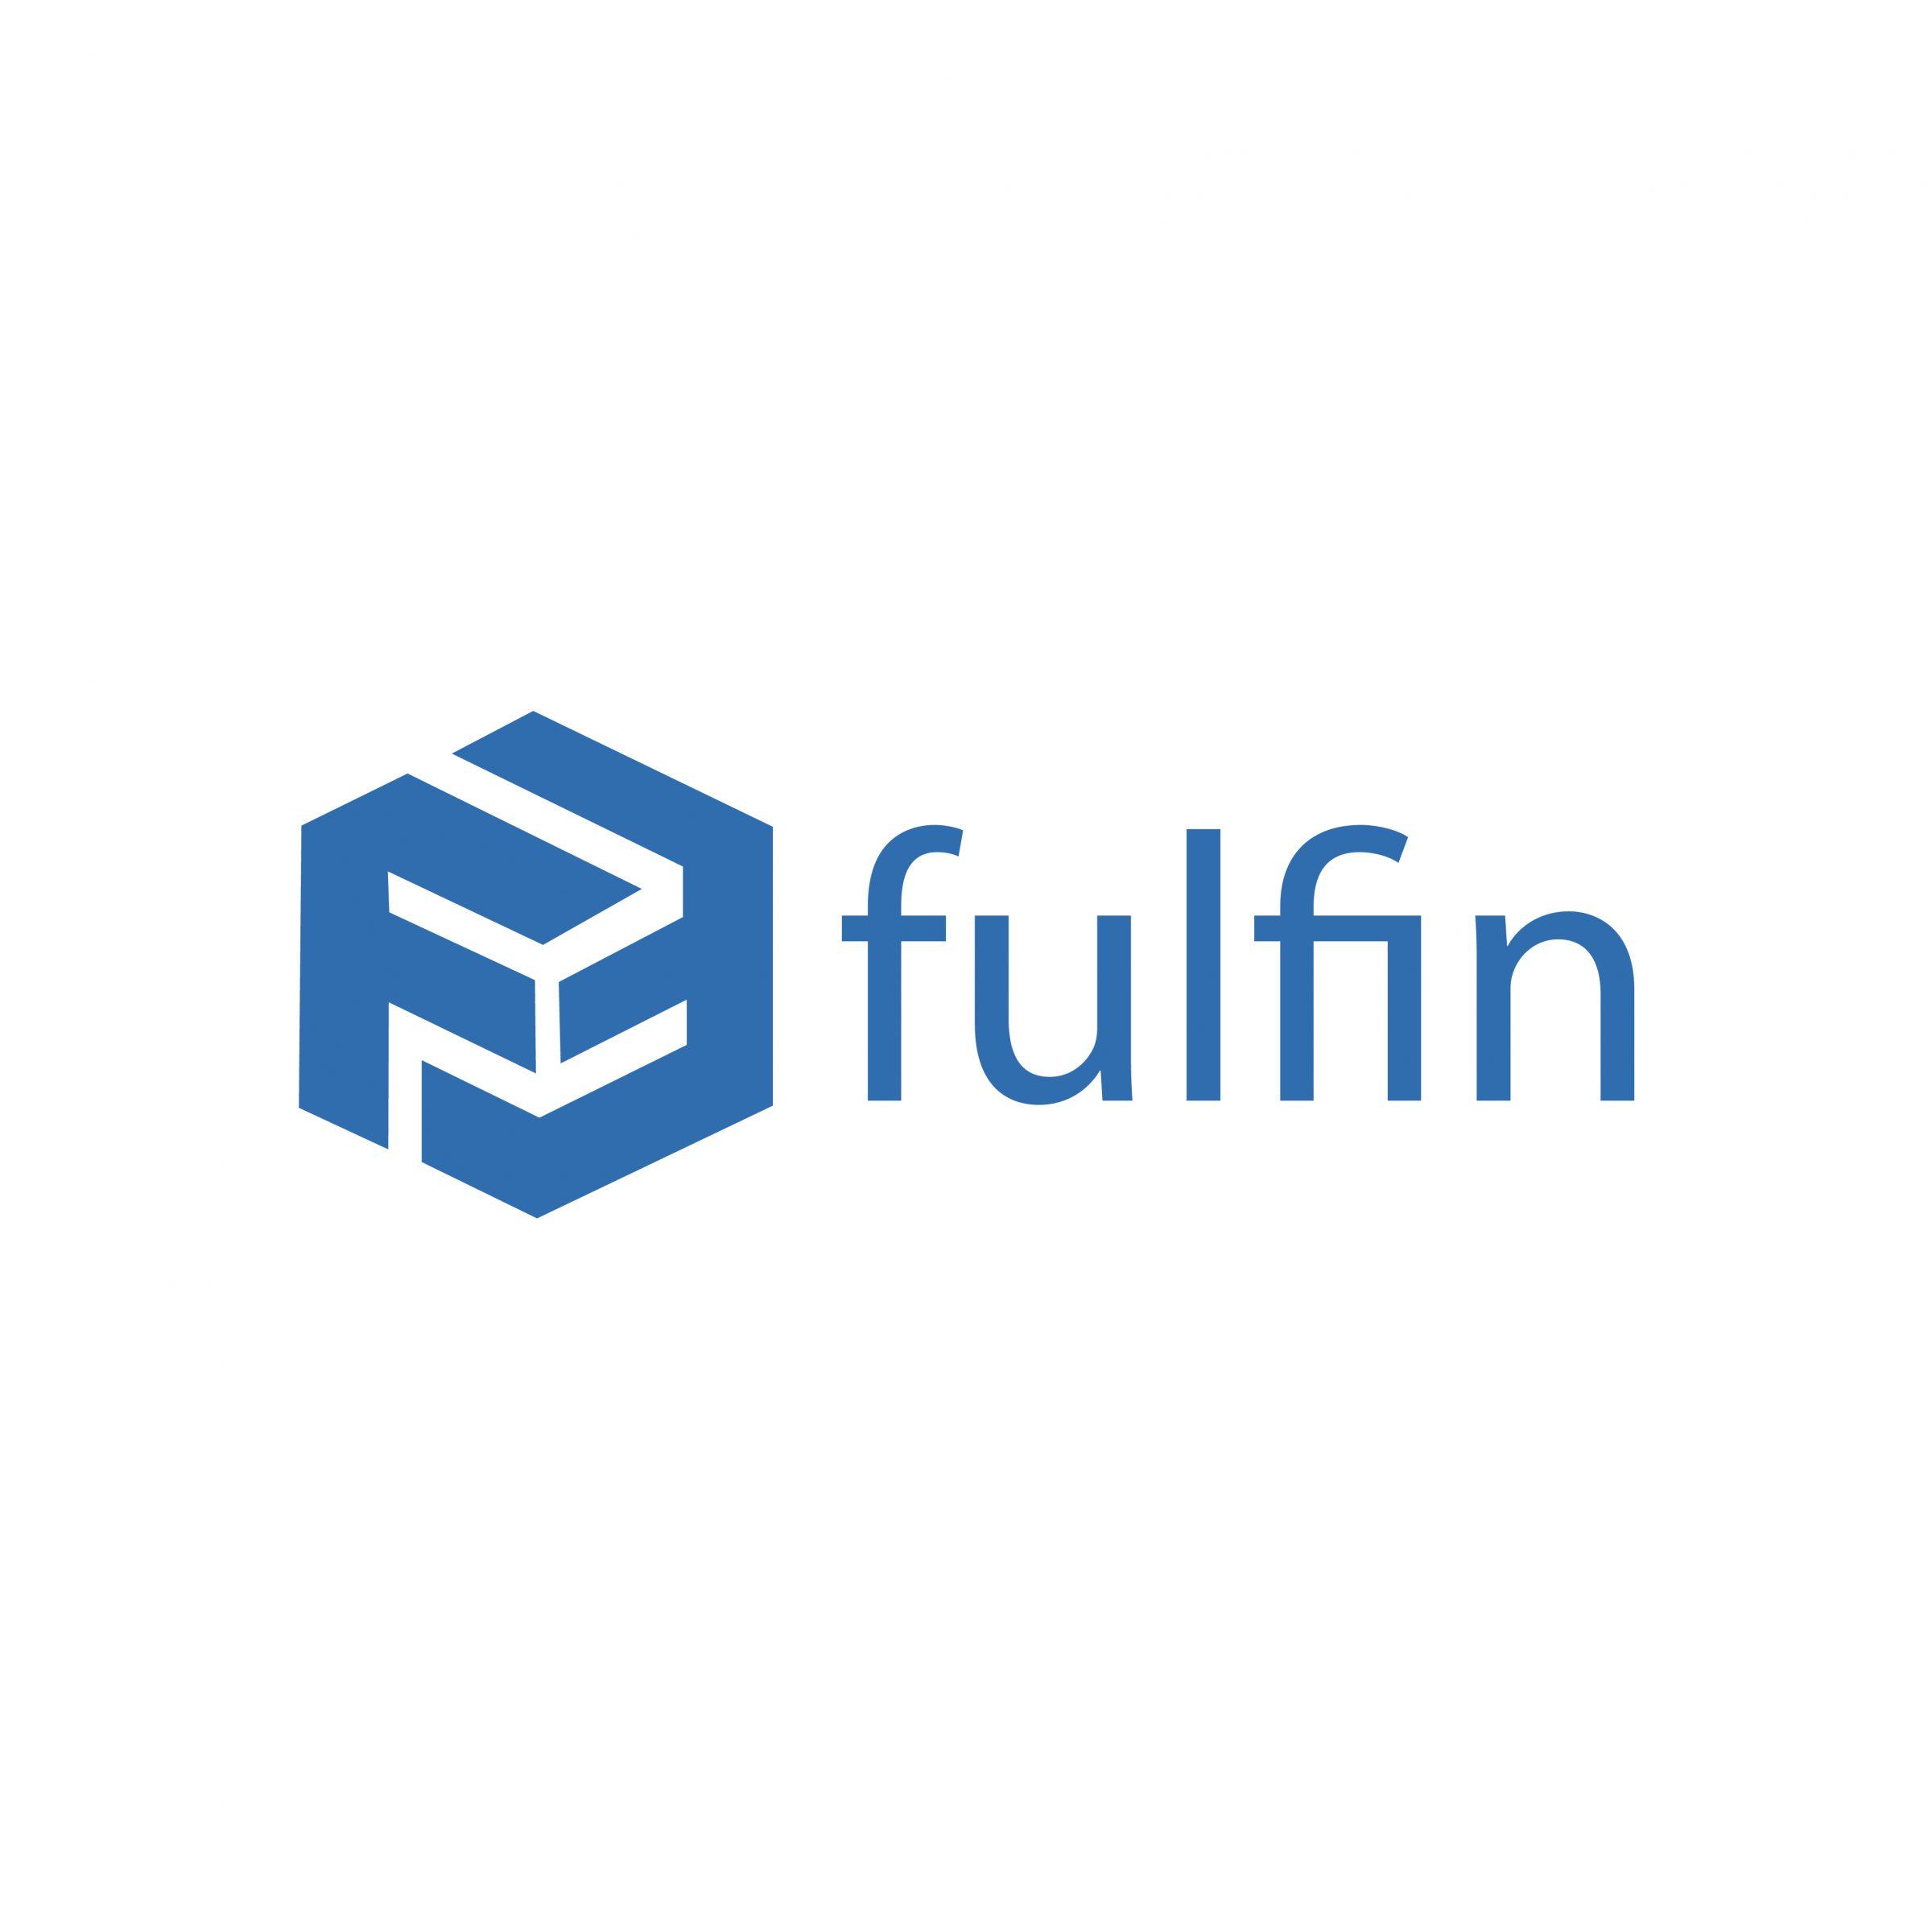 fulfin